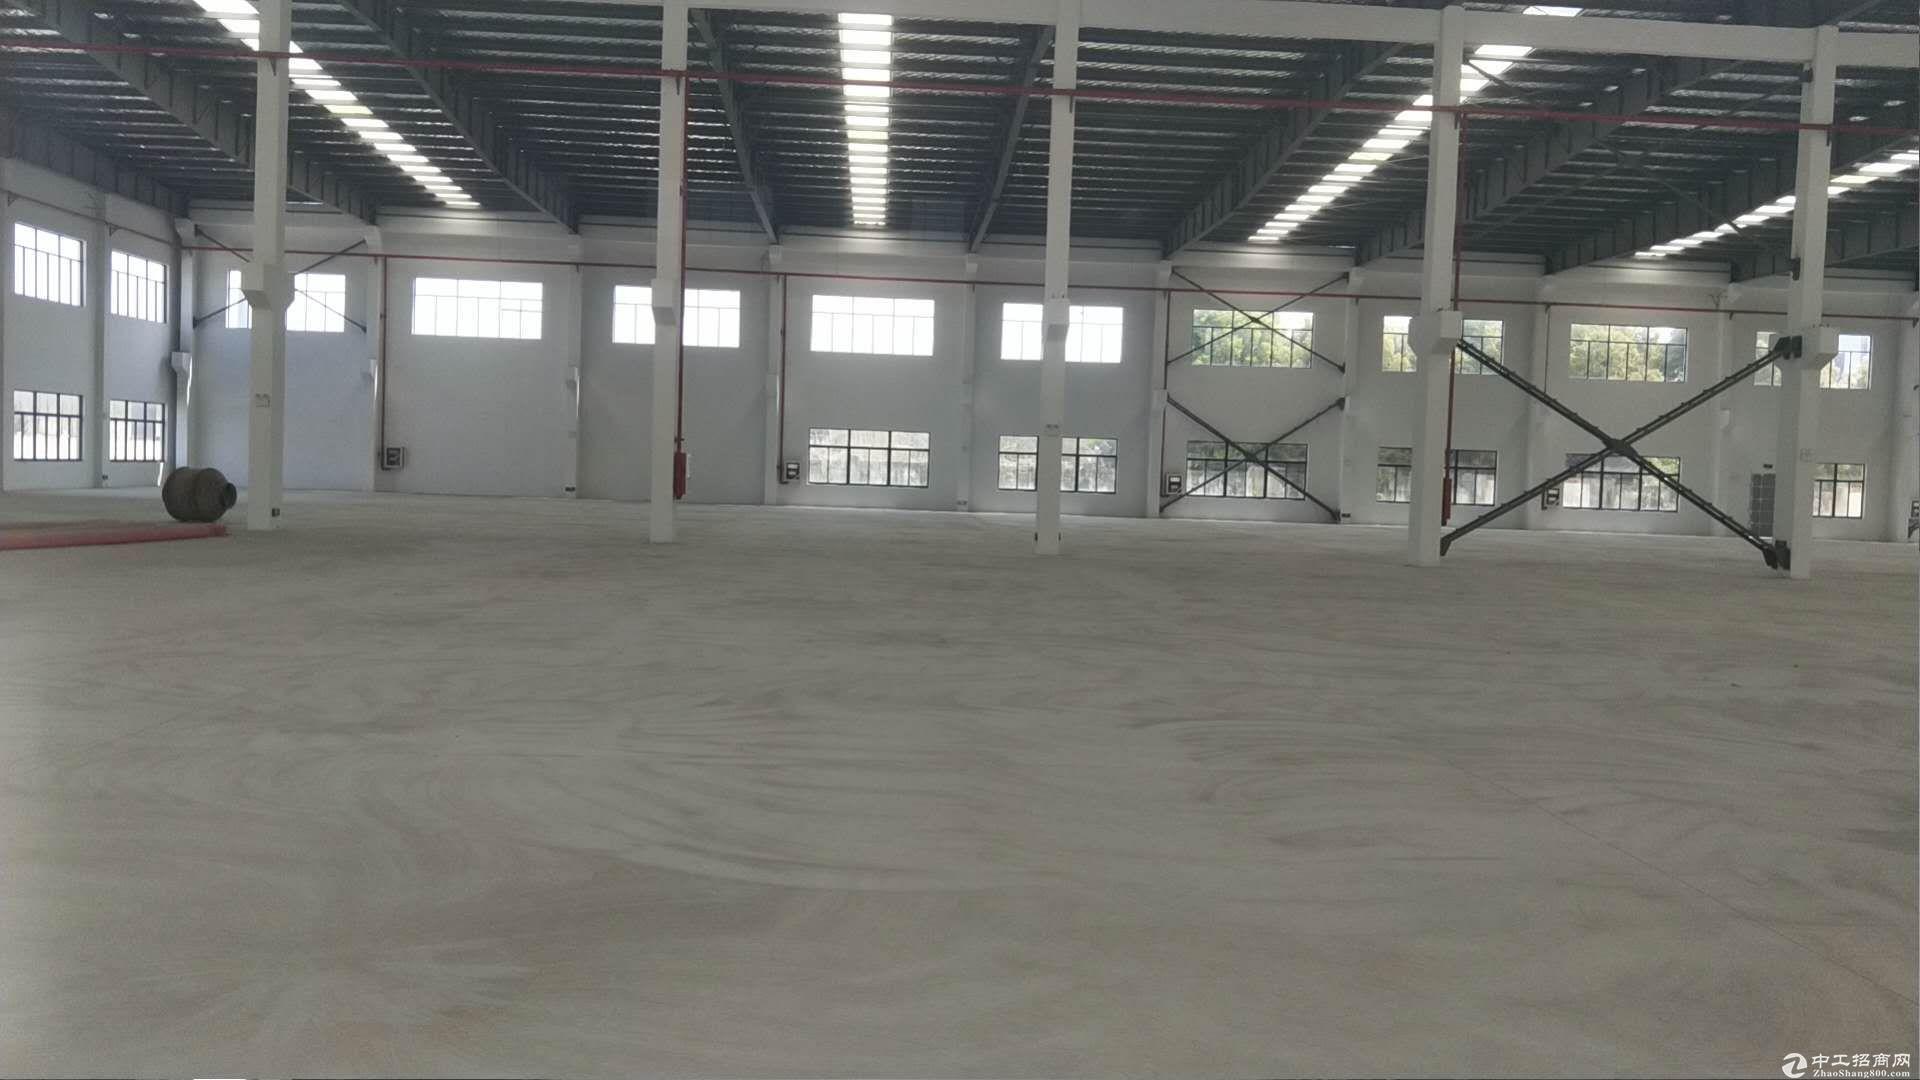 吴江友谊开发区单层厂房出租,面积9600平米。